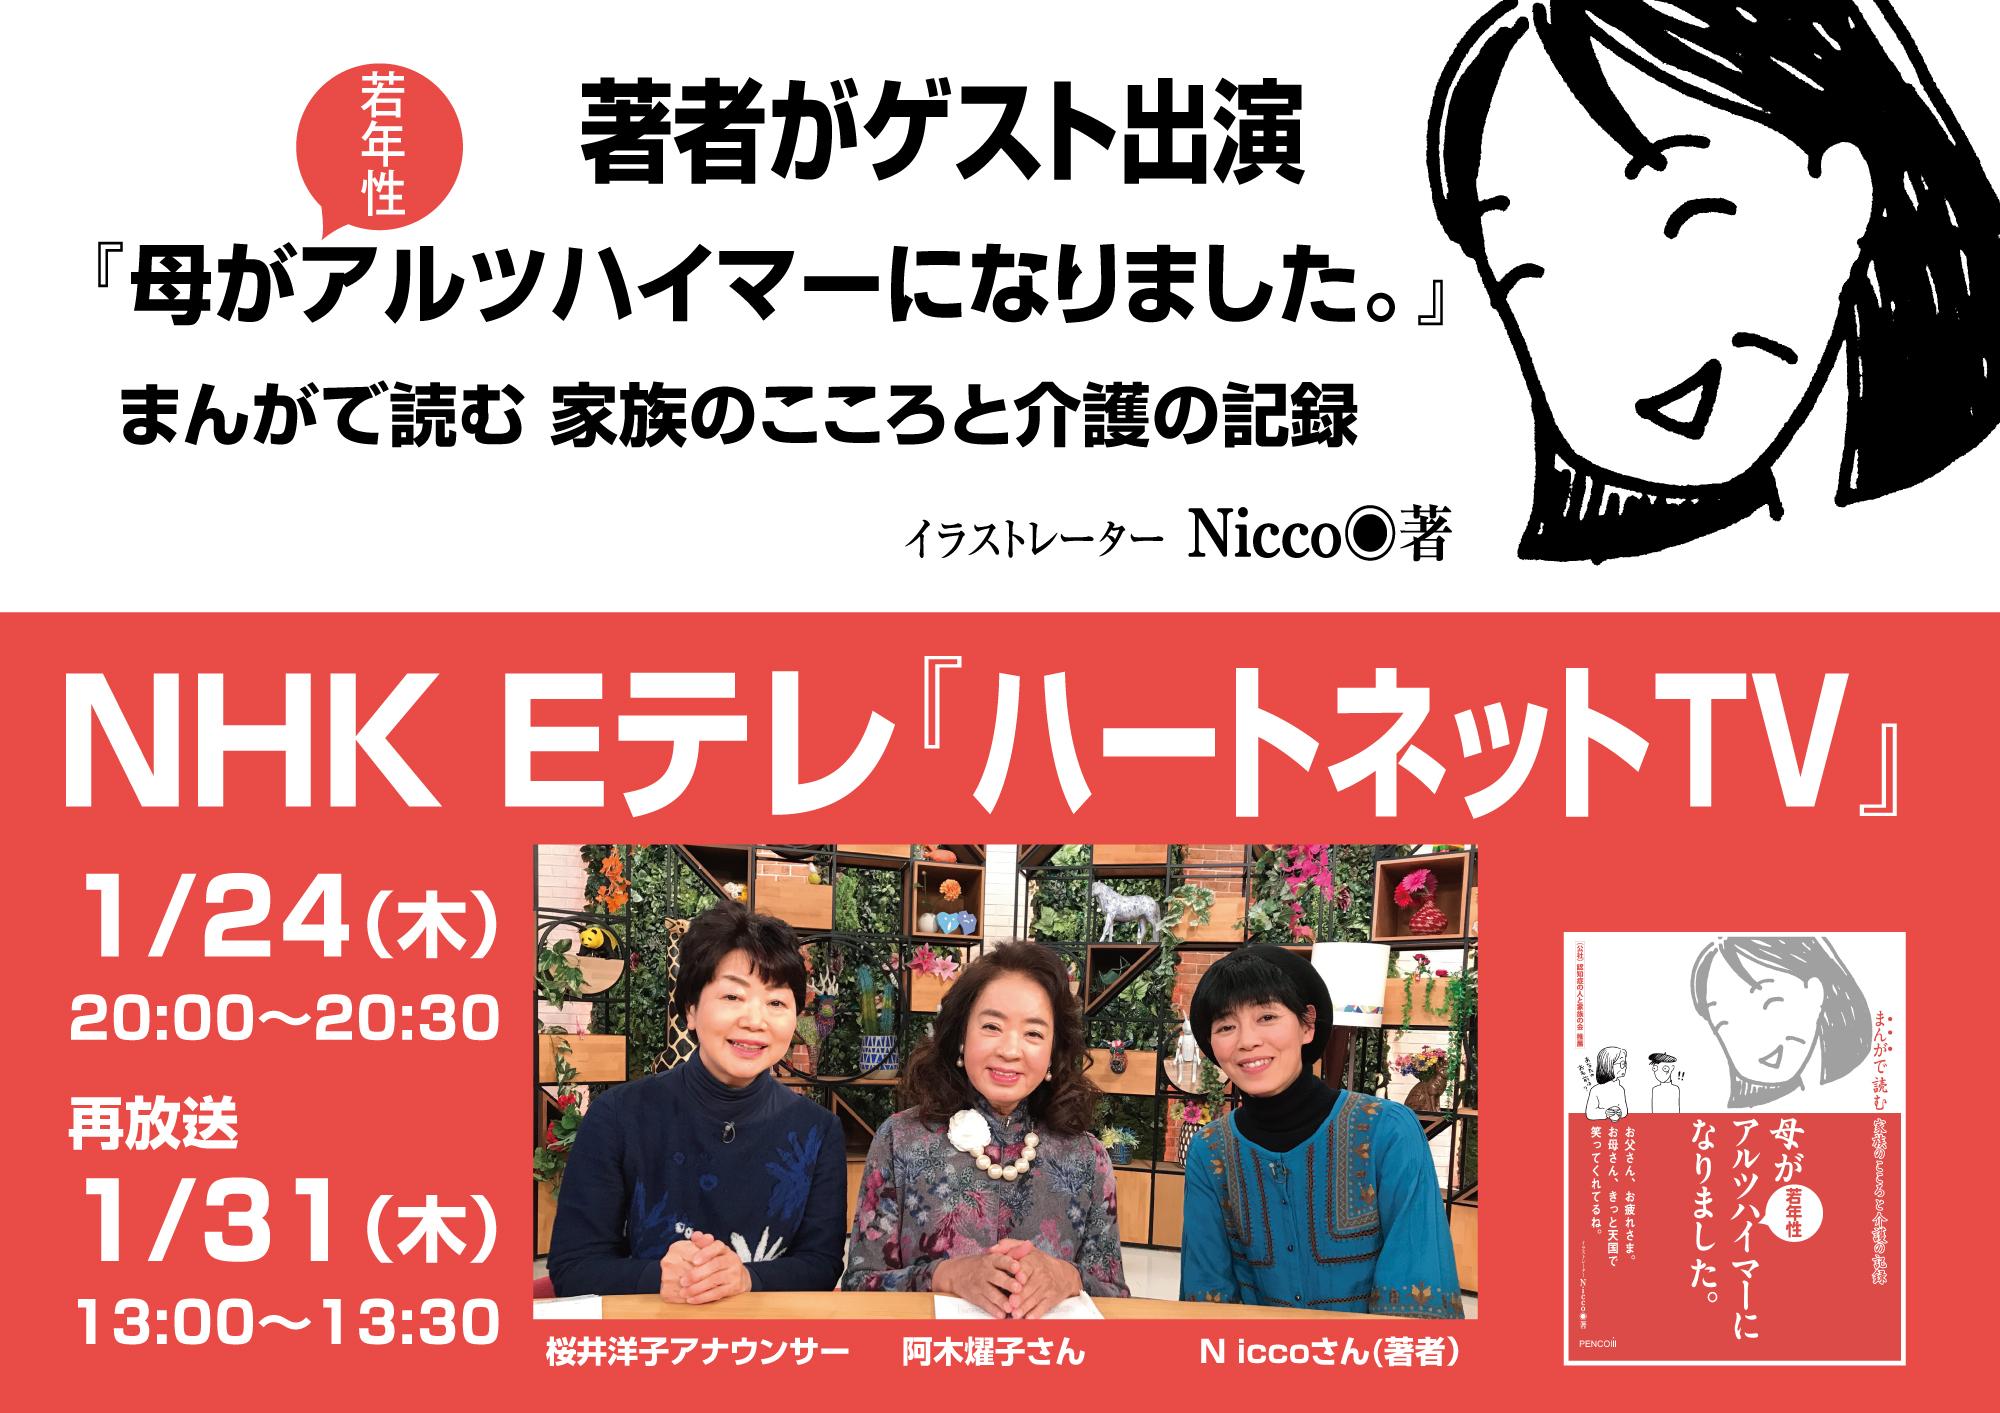 NHK Eテレ著者出演母が若年性アルツハイマーになりました。